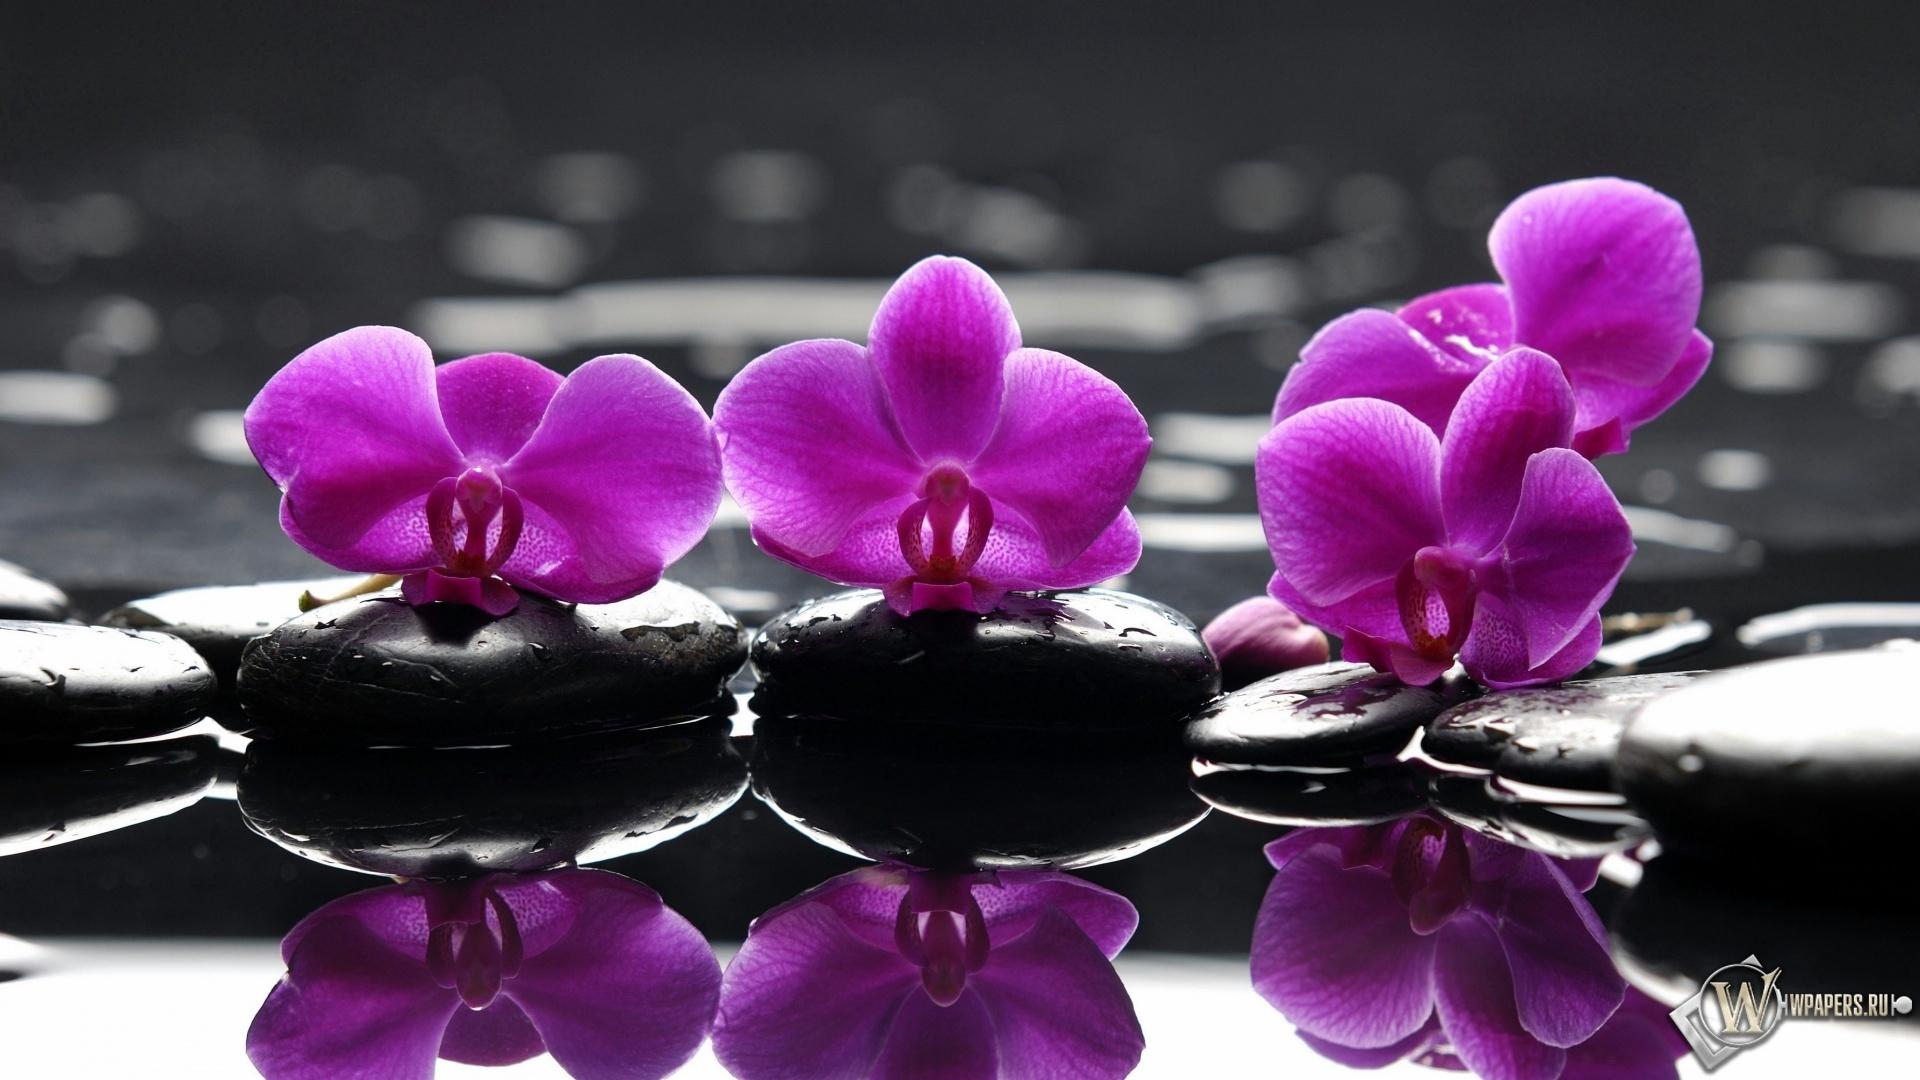 Орхидеи на камнях 1920x1080